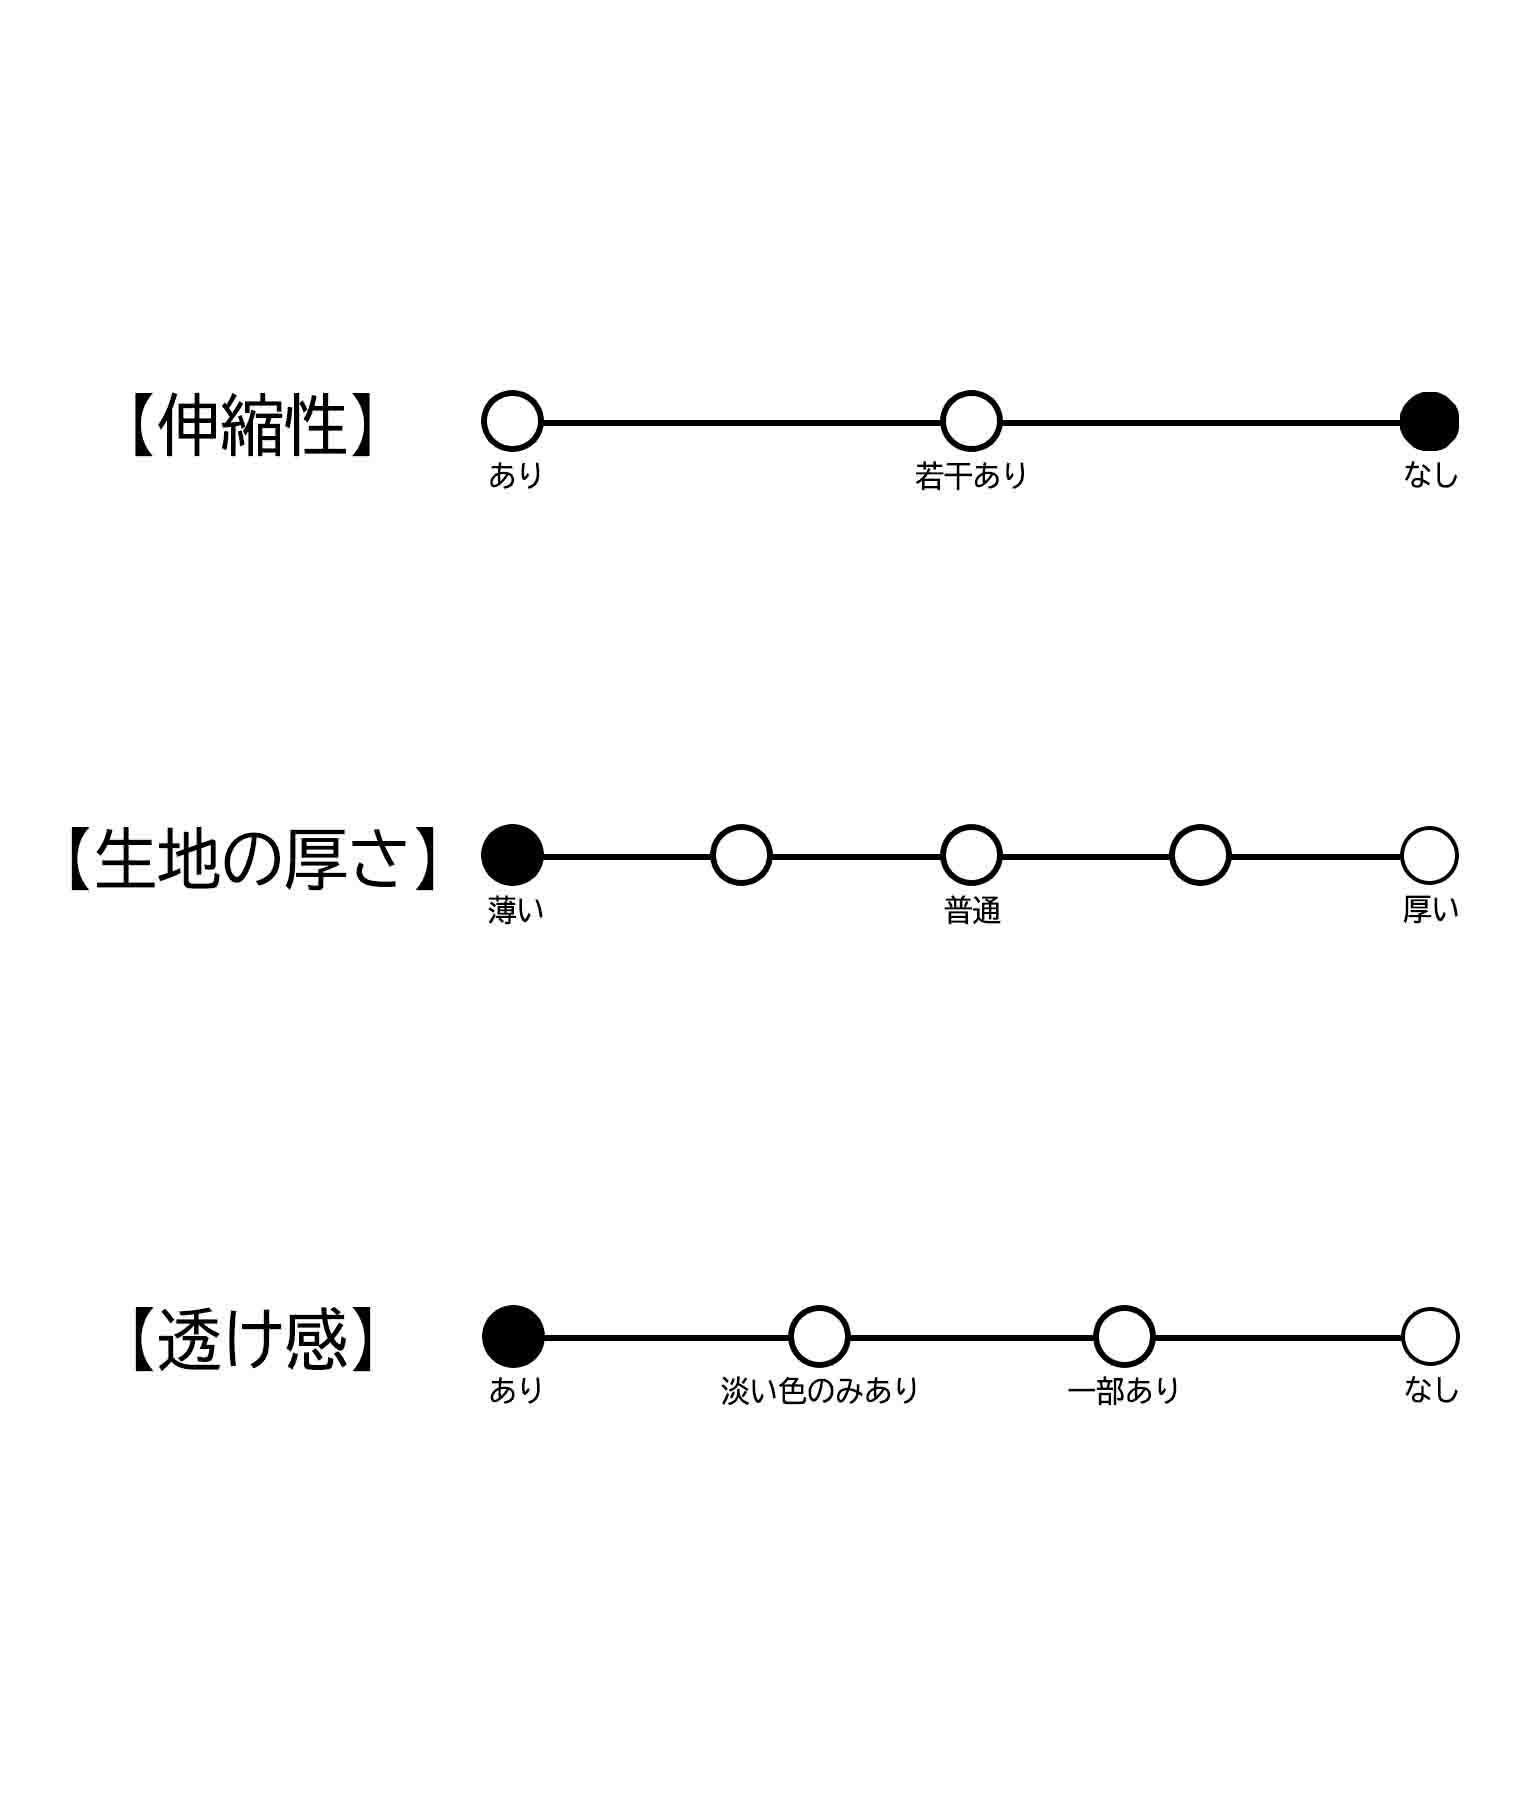 バックオープンロンパース(ワンピース・ドレス/サロペット/オールインワン) | anap mimpi